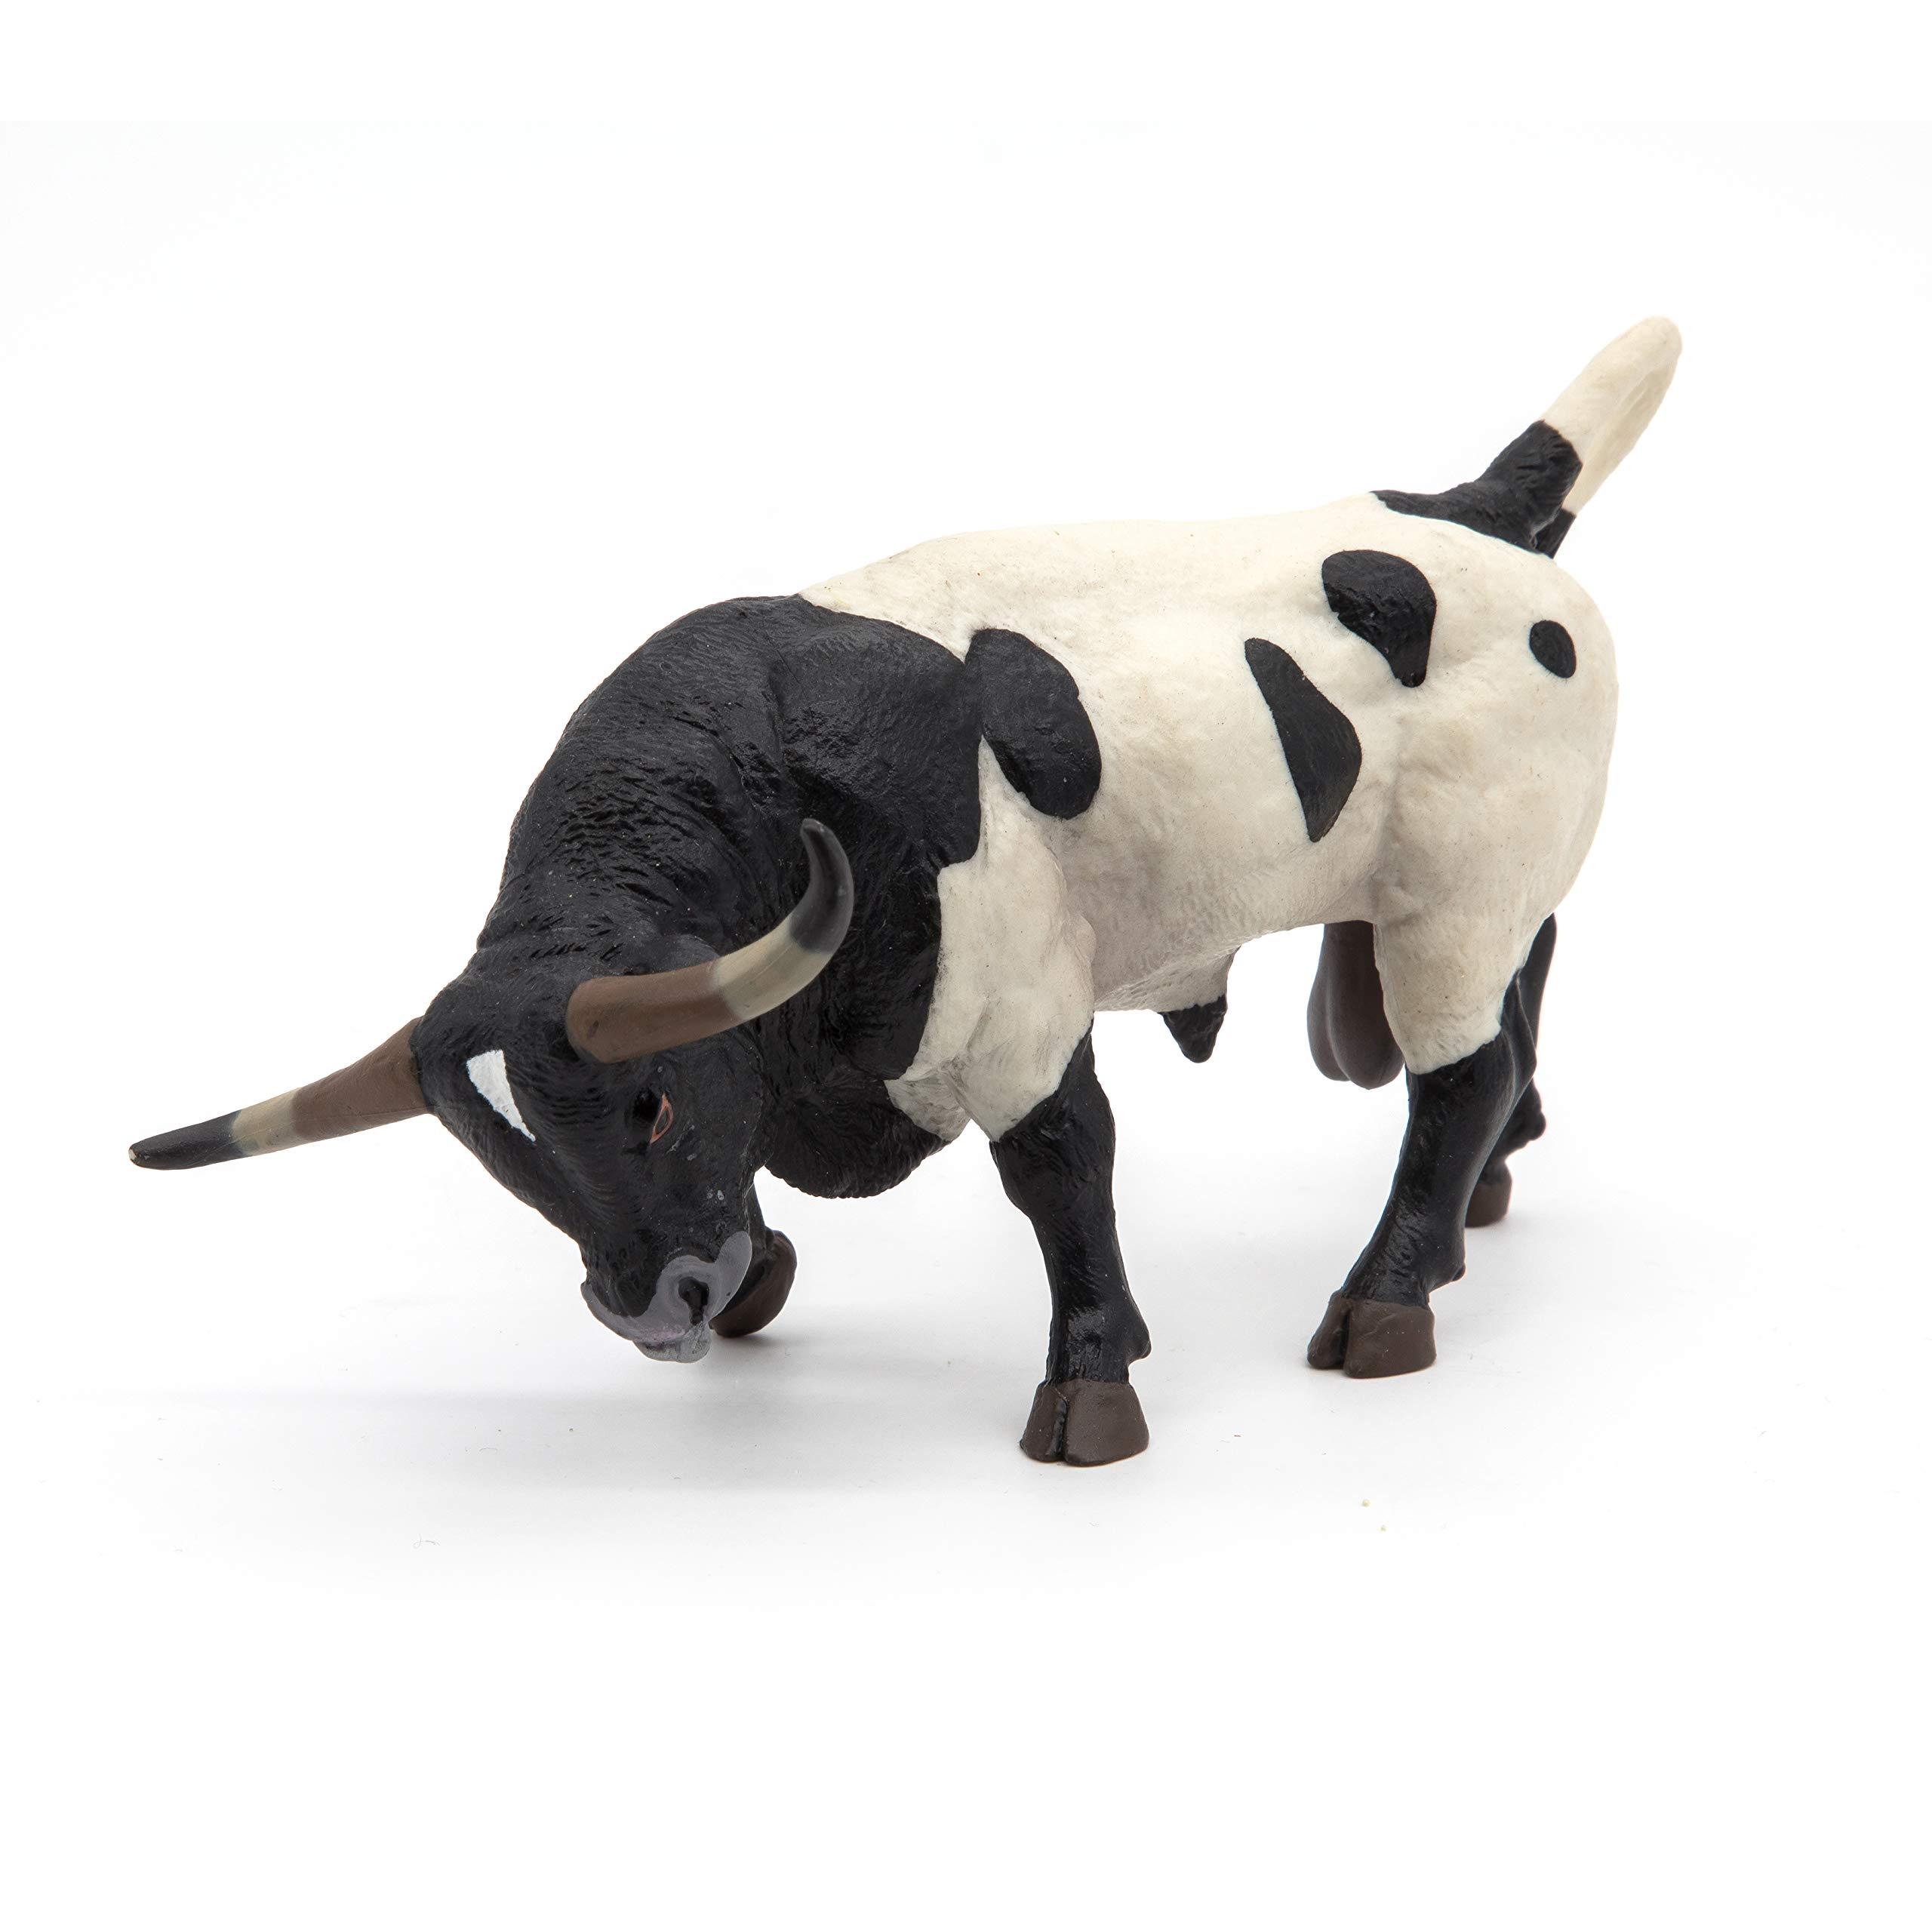 Papo Farmyard Friend Figure, Texan Bull